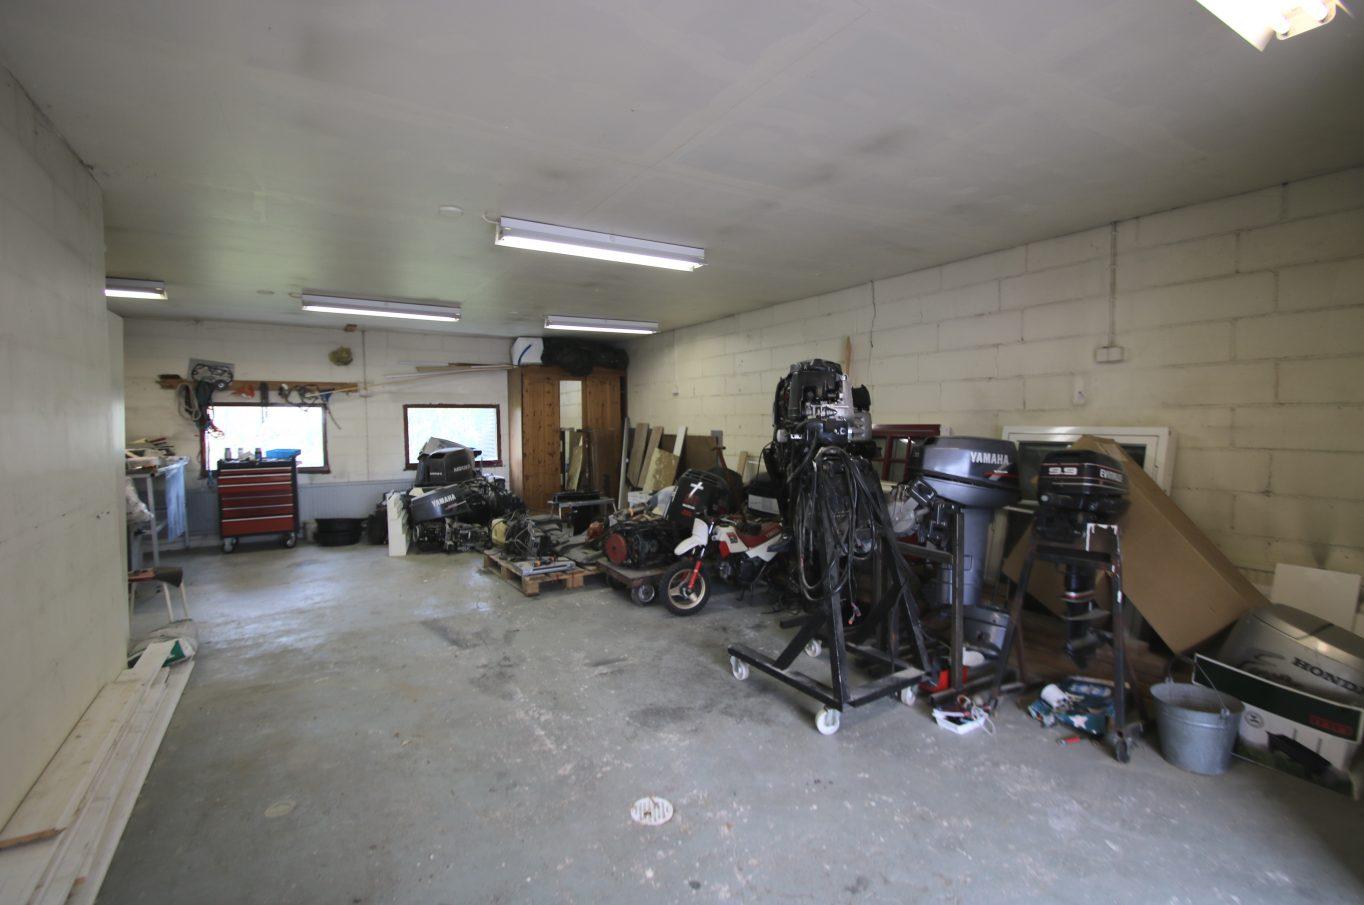 Bostadshus med stort garage vid Barfotagränd, Mariehamn